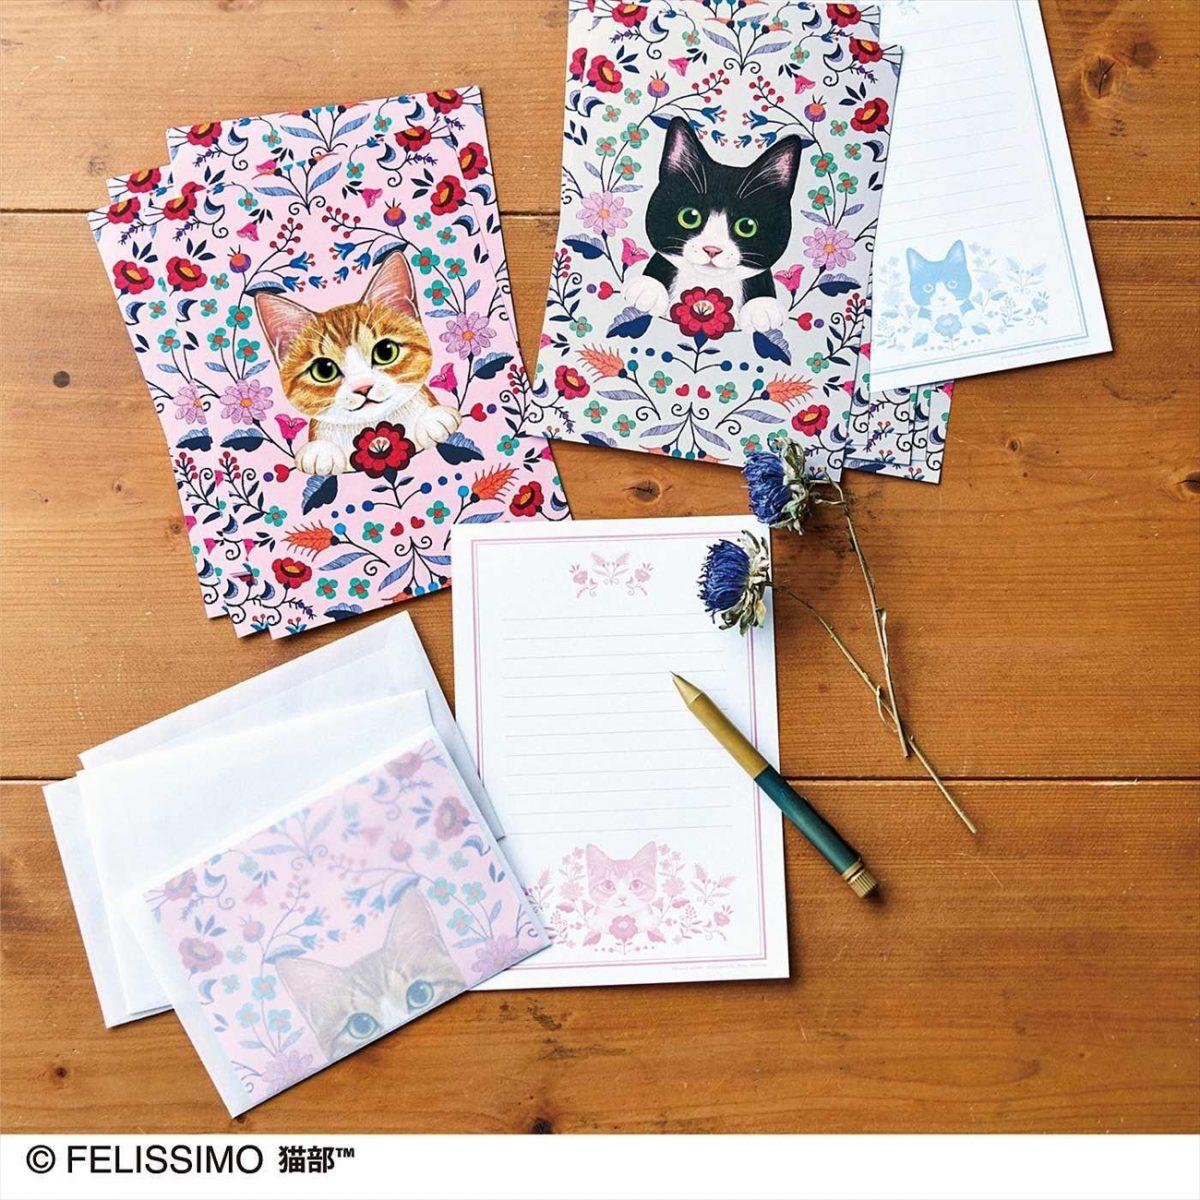 【愛猫家必見】猫ひげを楽しむためのアイテムが「フェリシモ猫部™」から新登場